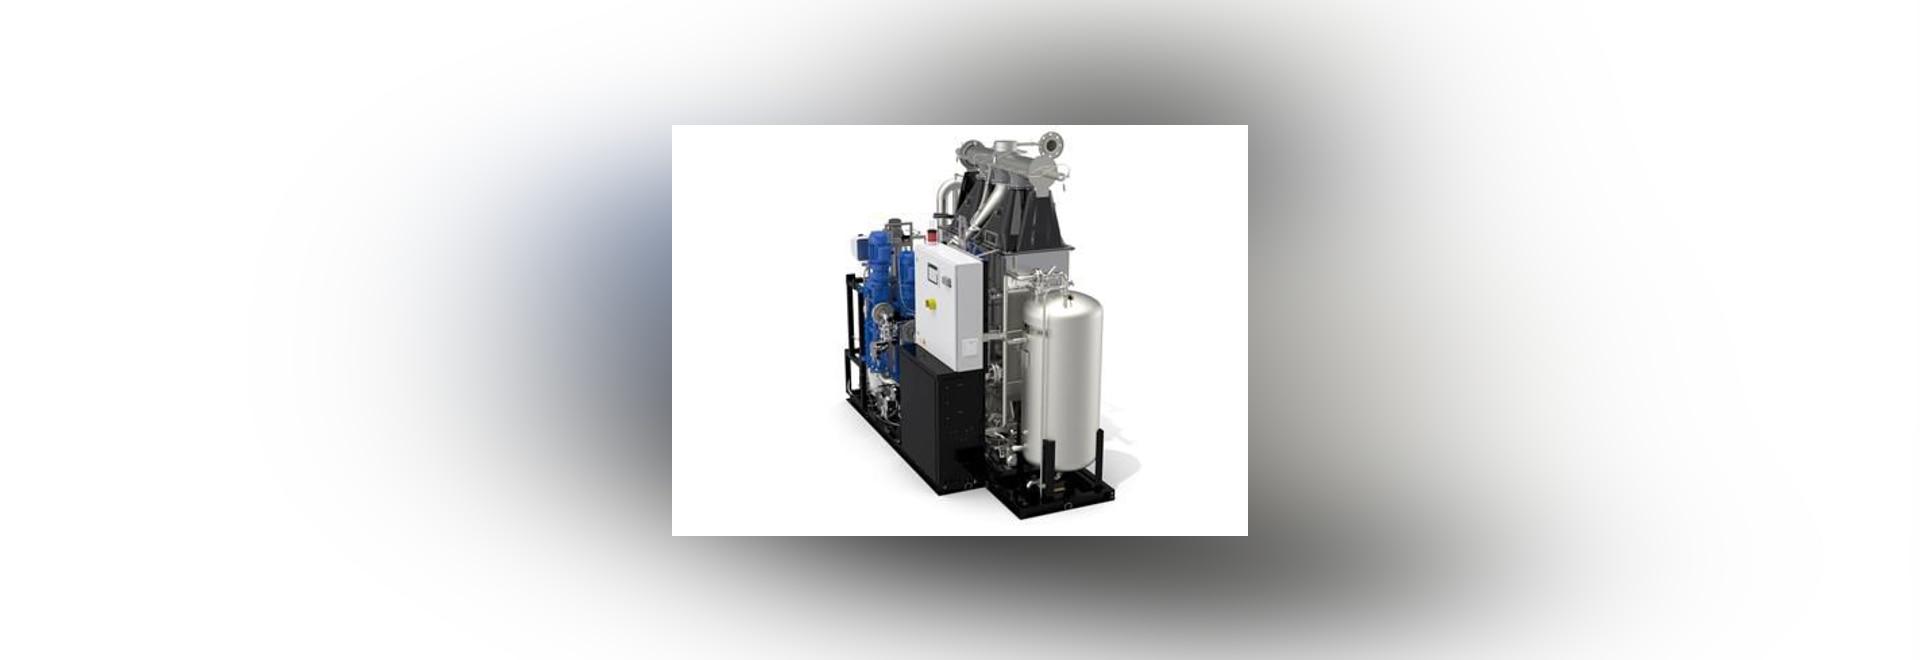 NUOVO: sistema di trattamento di acqua nero da Wärtsilä Corporation